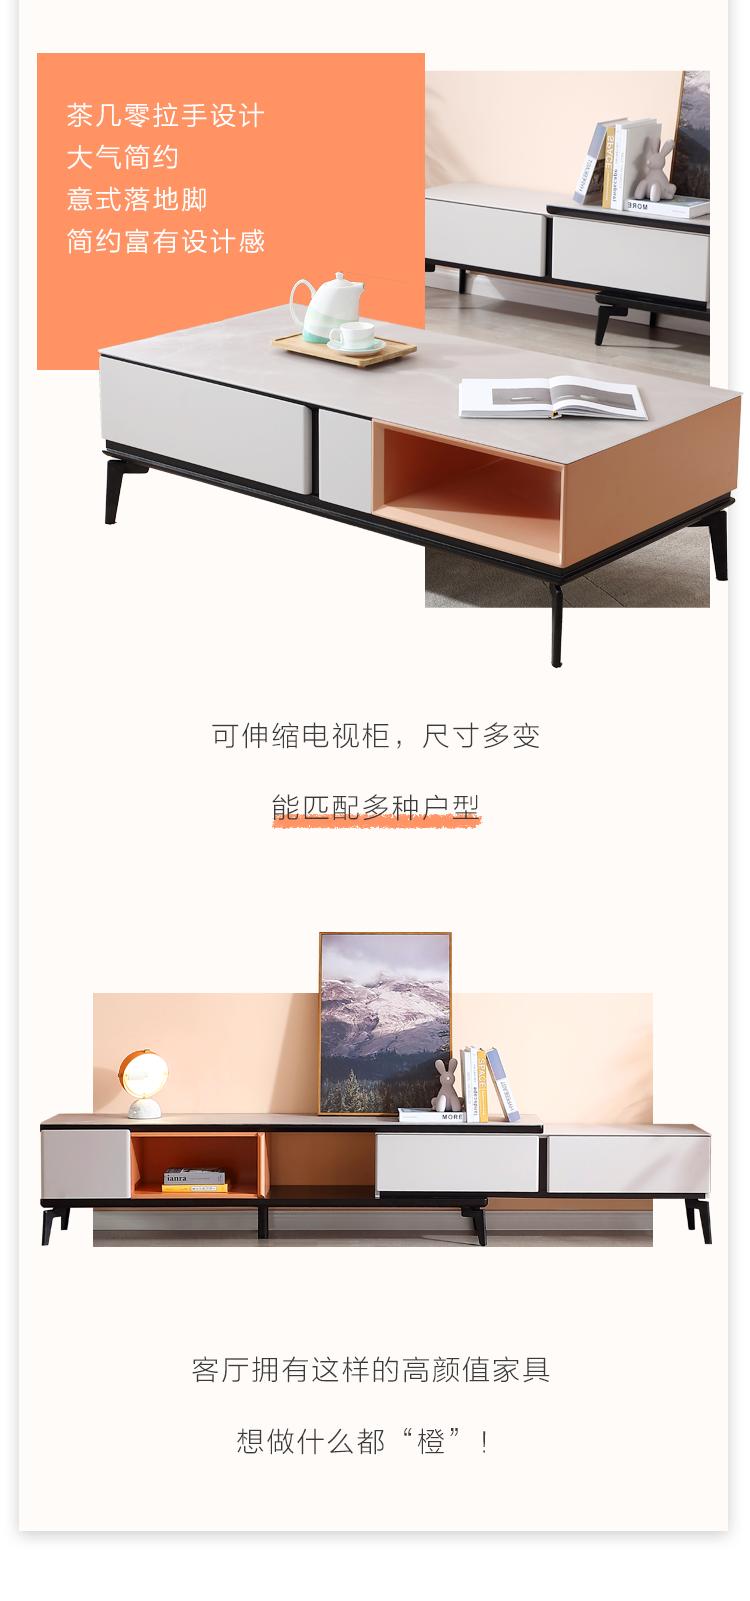 大连装修团购_新品上市   这些『春日限定』色彩家具正流行!_齐家网